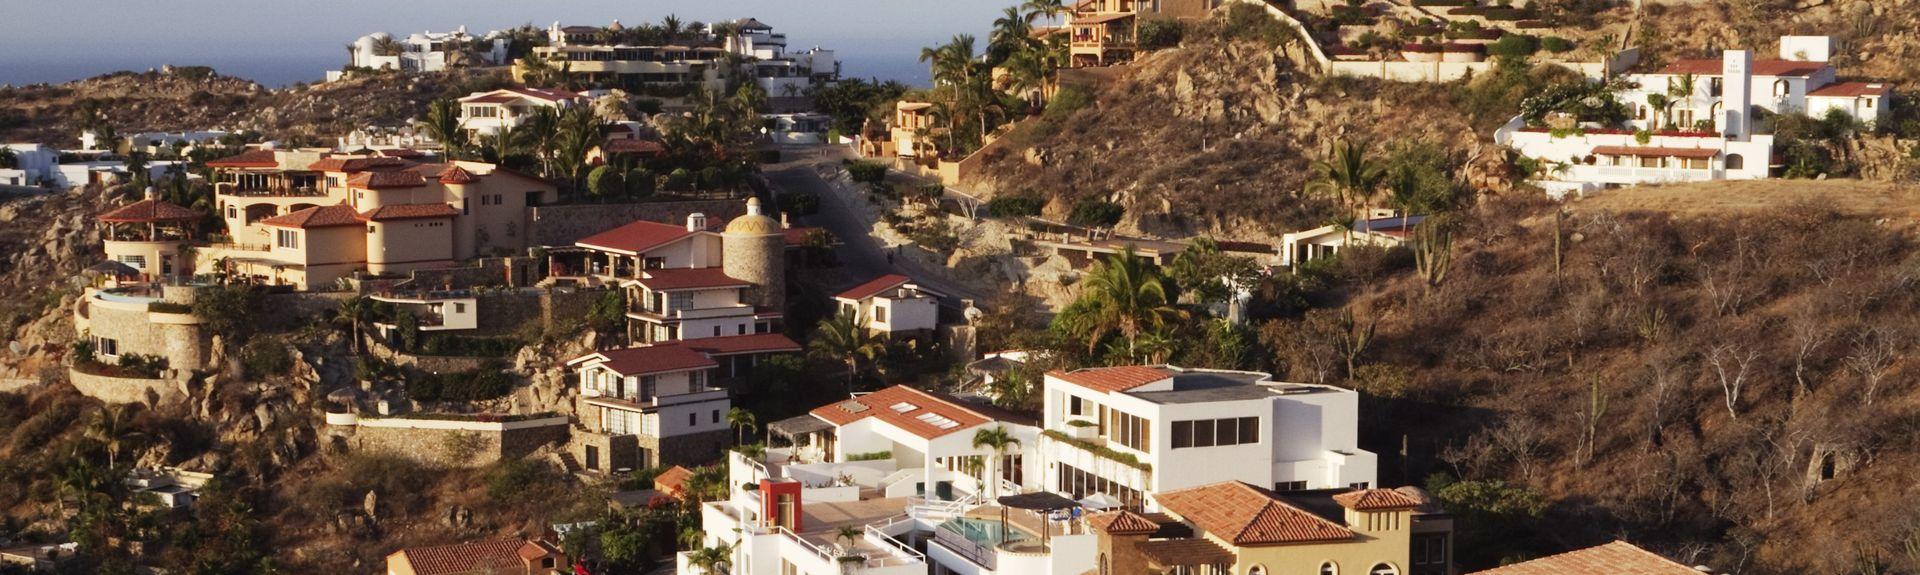 Pedregal, Cabo San Lucas, Baja California Sur, México